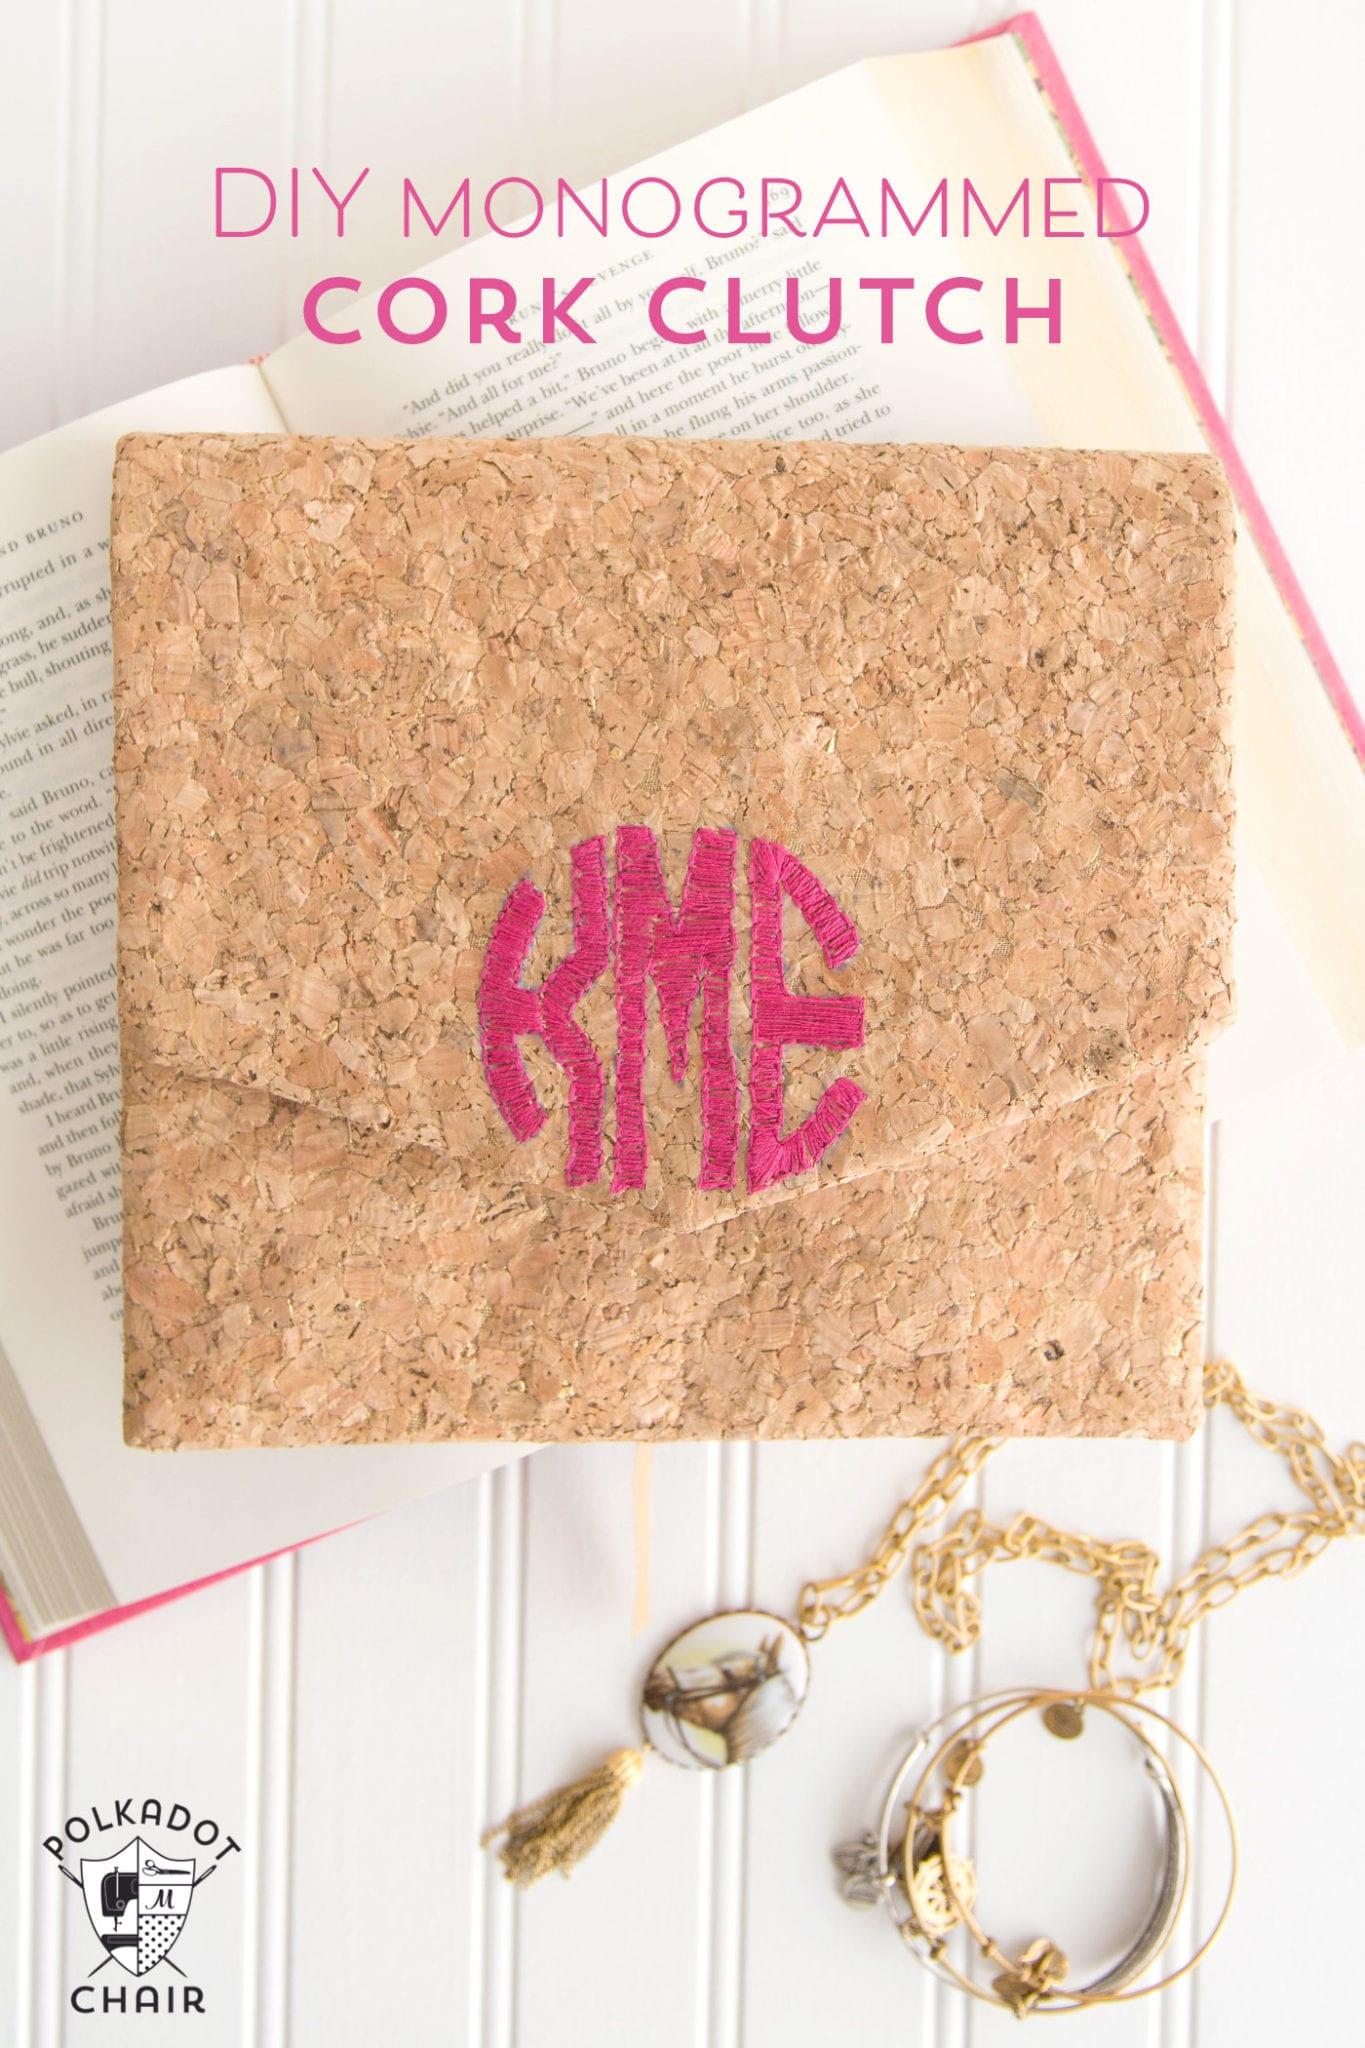 diy-monogrammed-cork-clutch